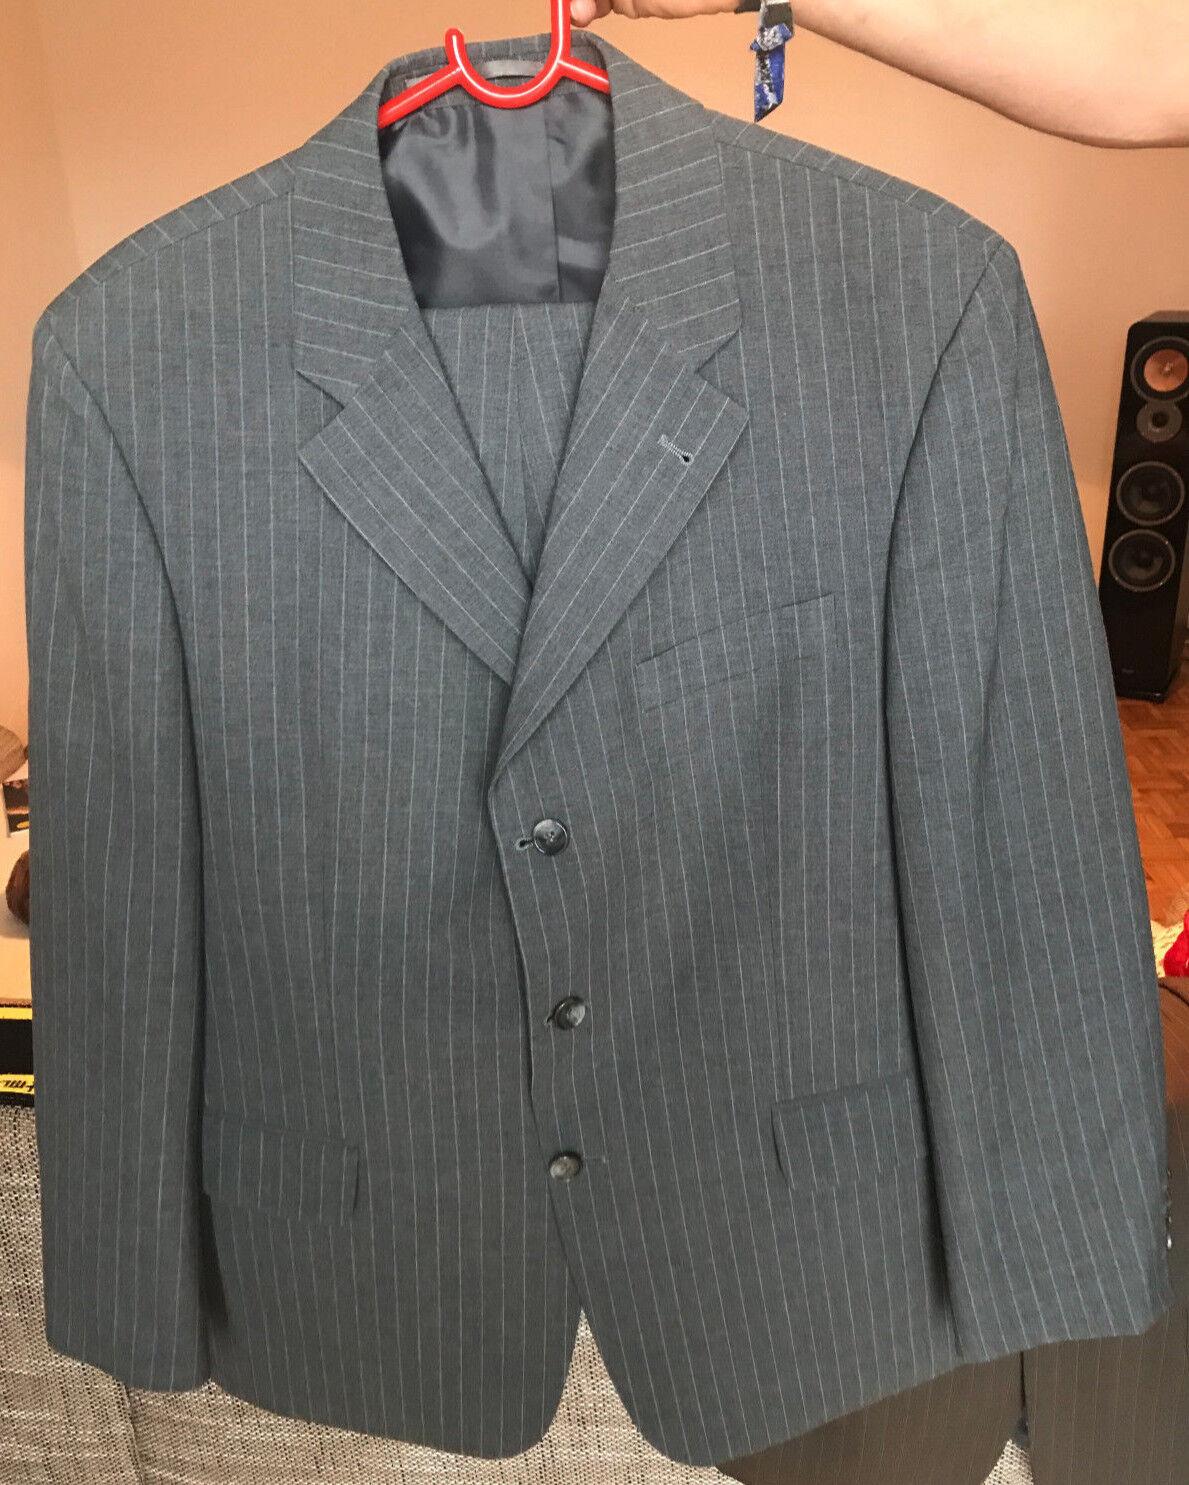 Herren Anzug, selten getragen, vom Herrenausstatter, Gr. 26, grau, DIGEL